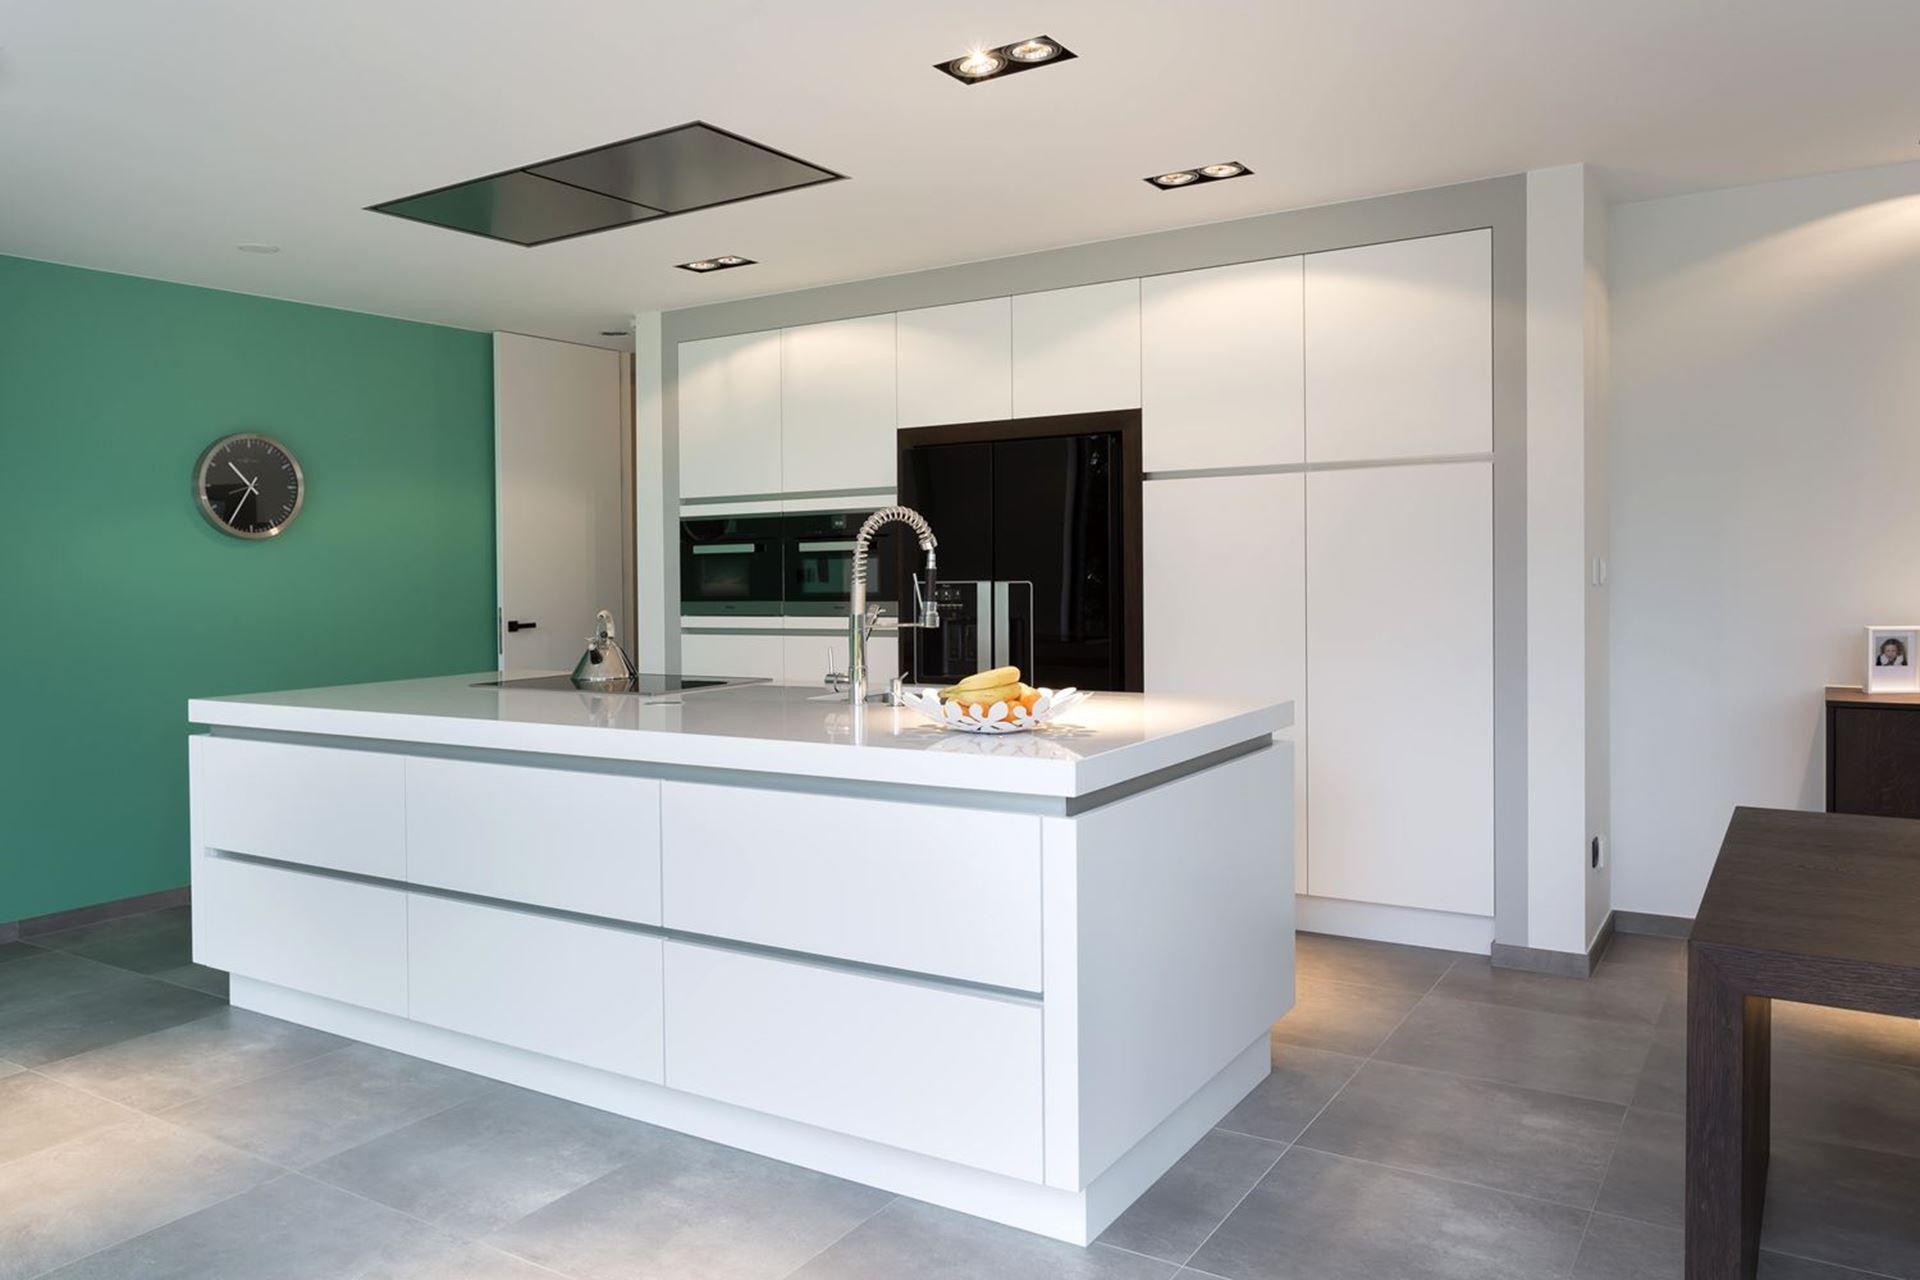 Keuken idee renoveren - Keuken ontwerp ideeen ...